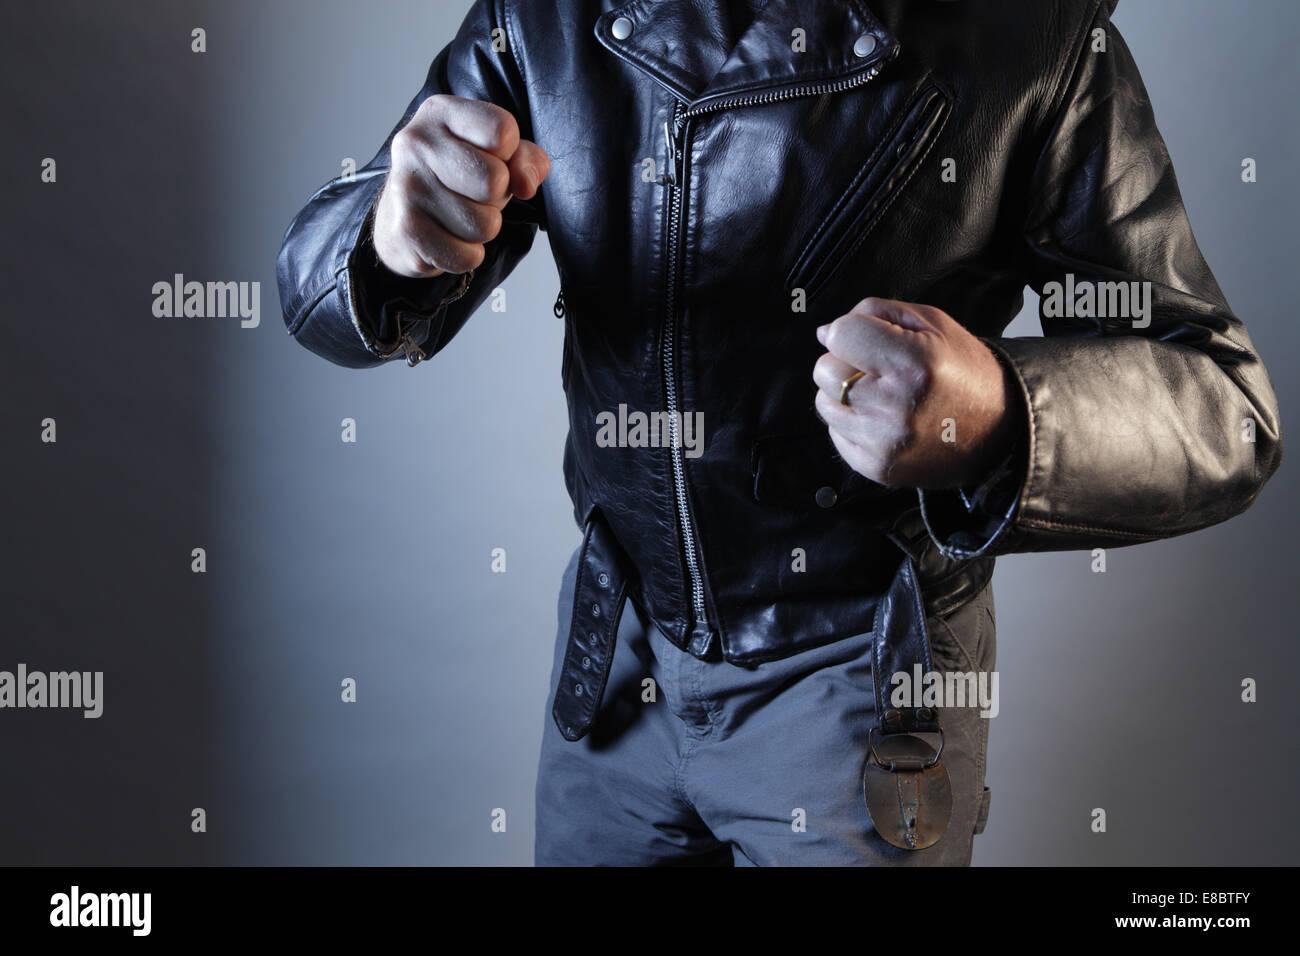 Menaces de violence masculine avec les poings torse illustré Photo Stock